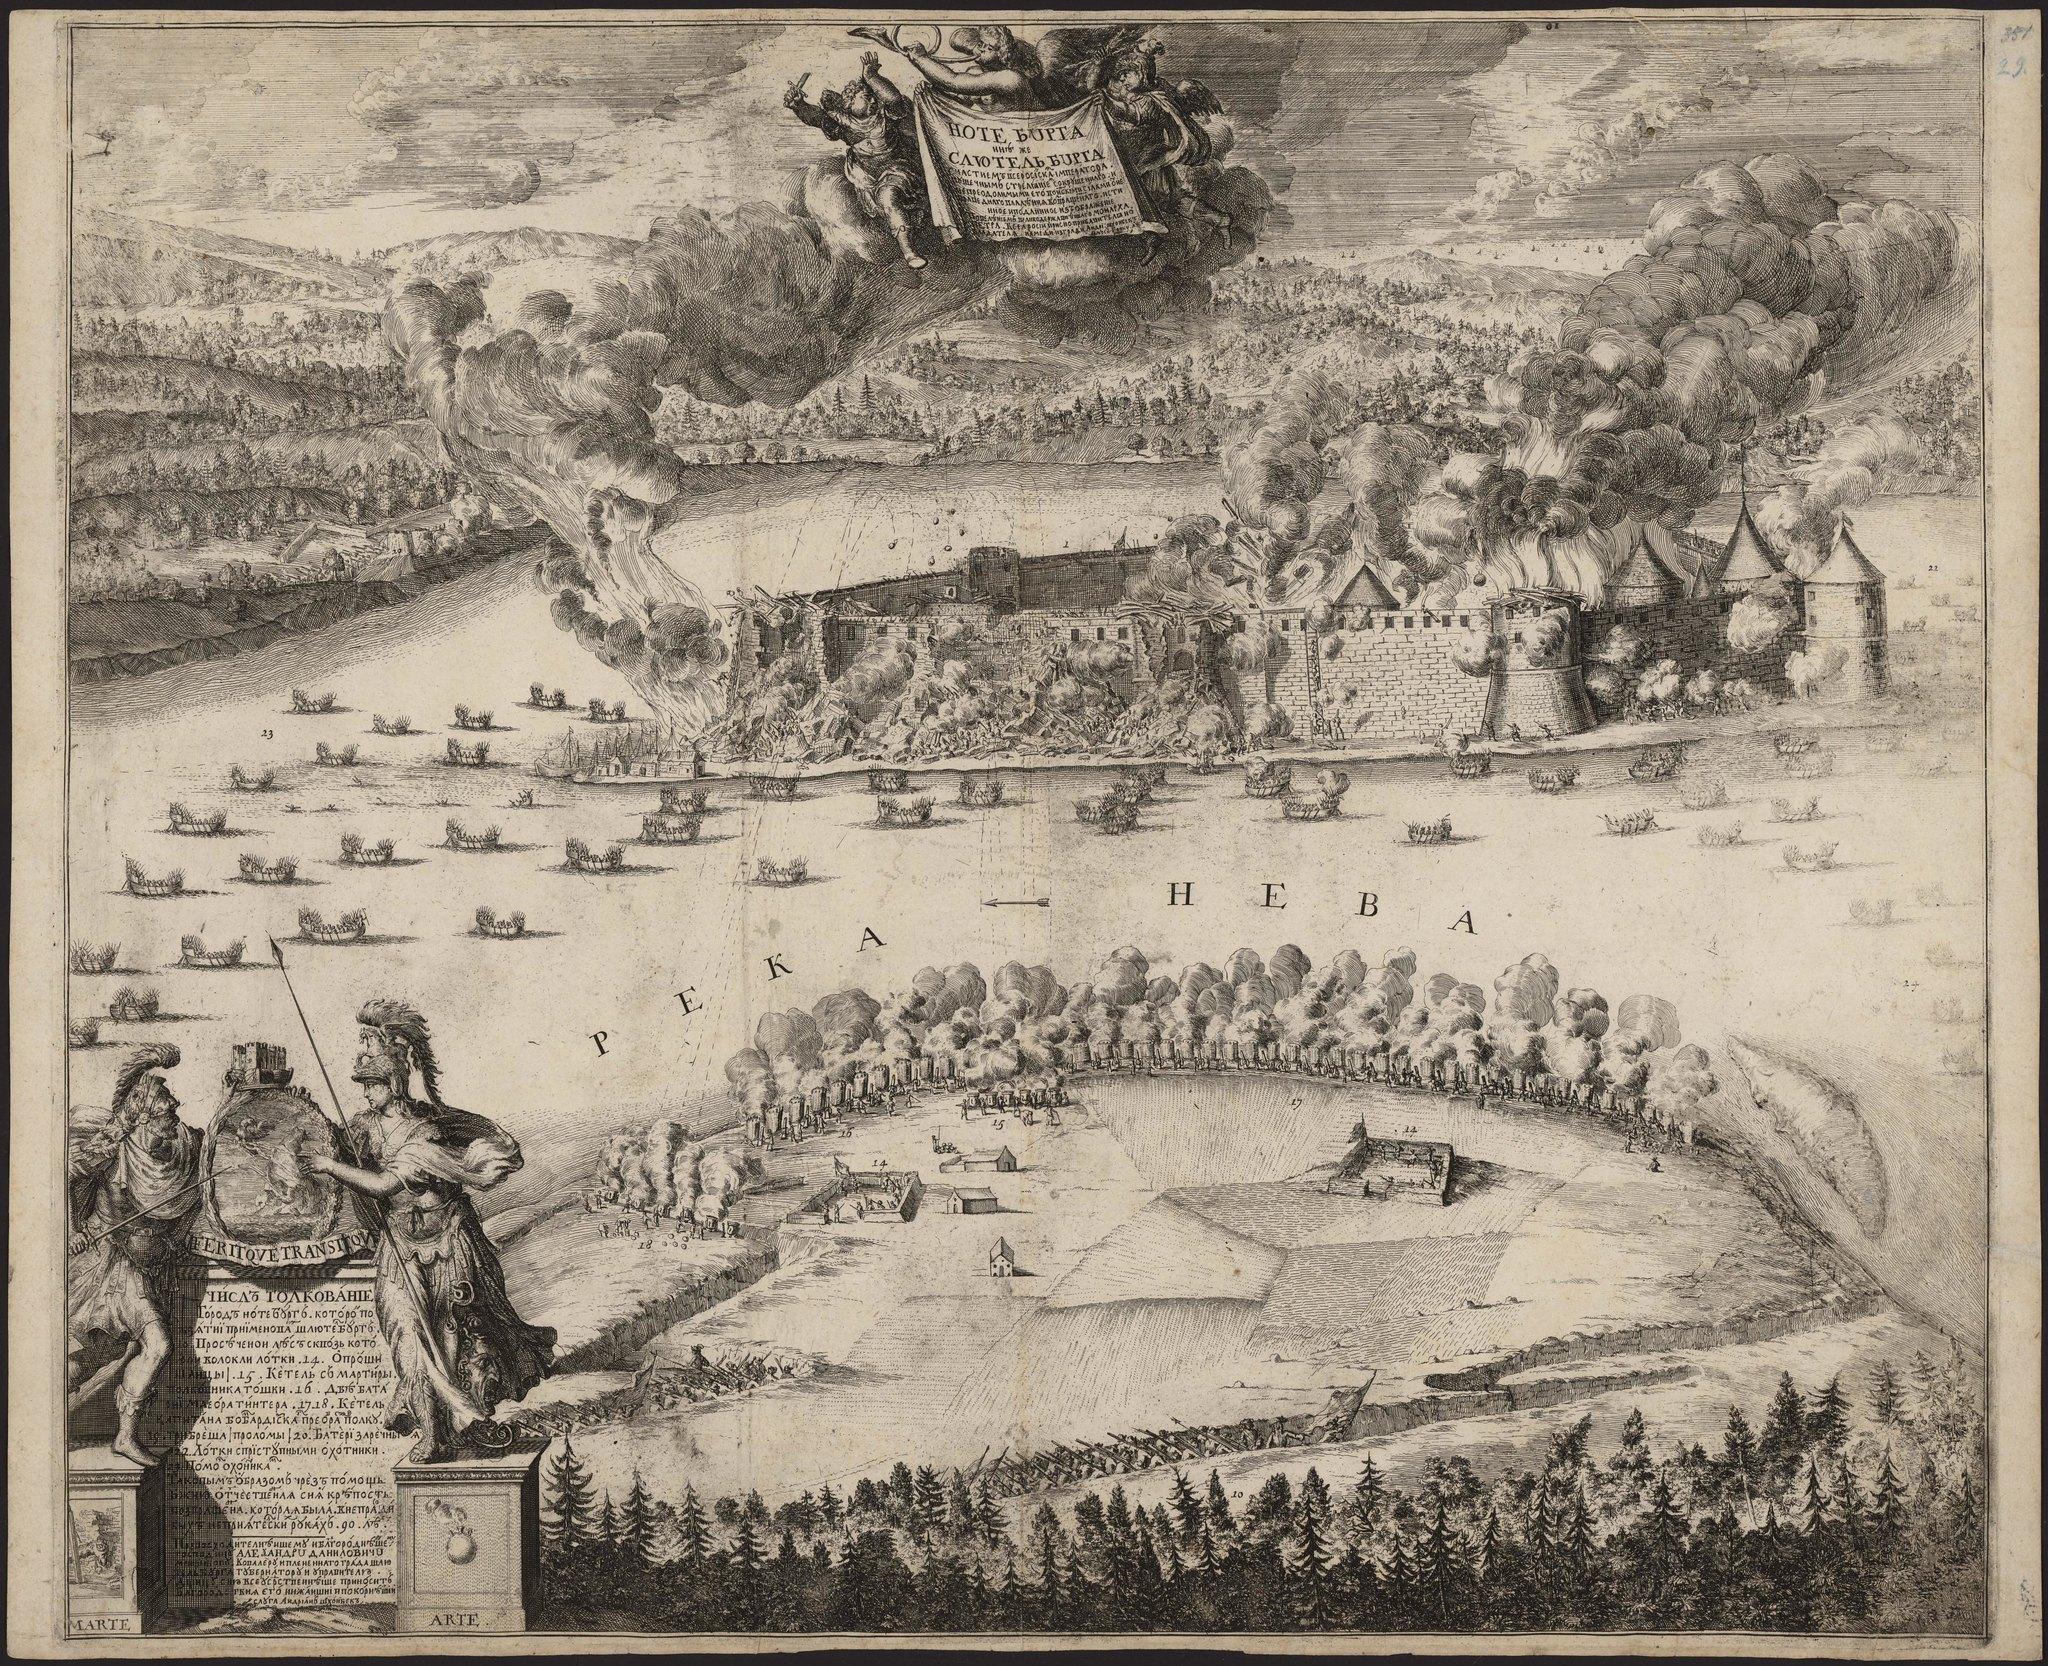 1703. Адриан Шхонебек. Нотебурга ныне же Слютельбурга счастием всеросискаго императора пушечным стрелянием сокрушеннаго